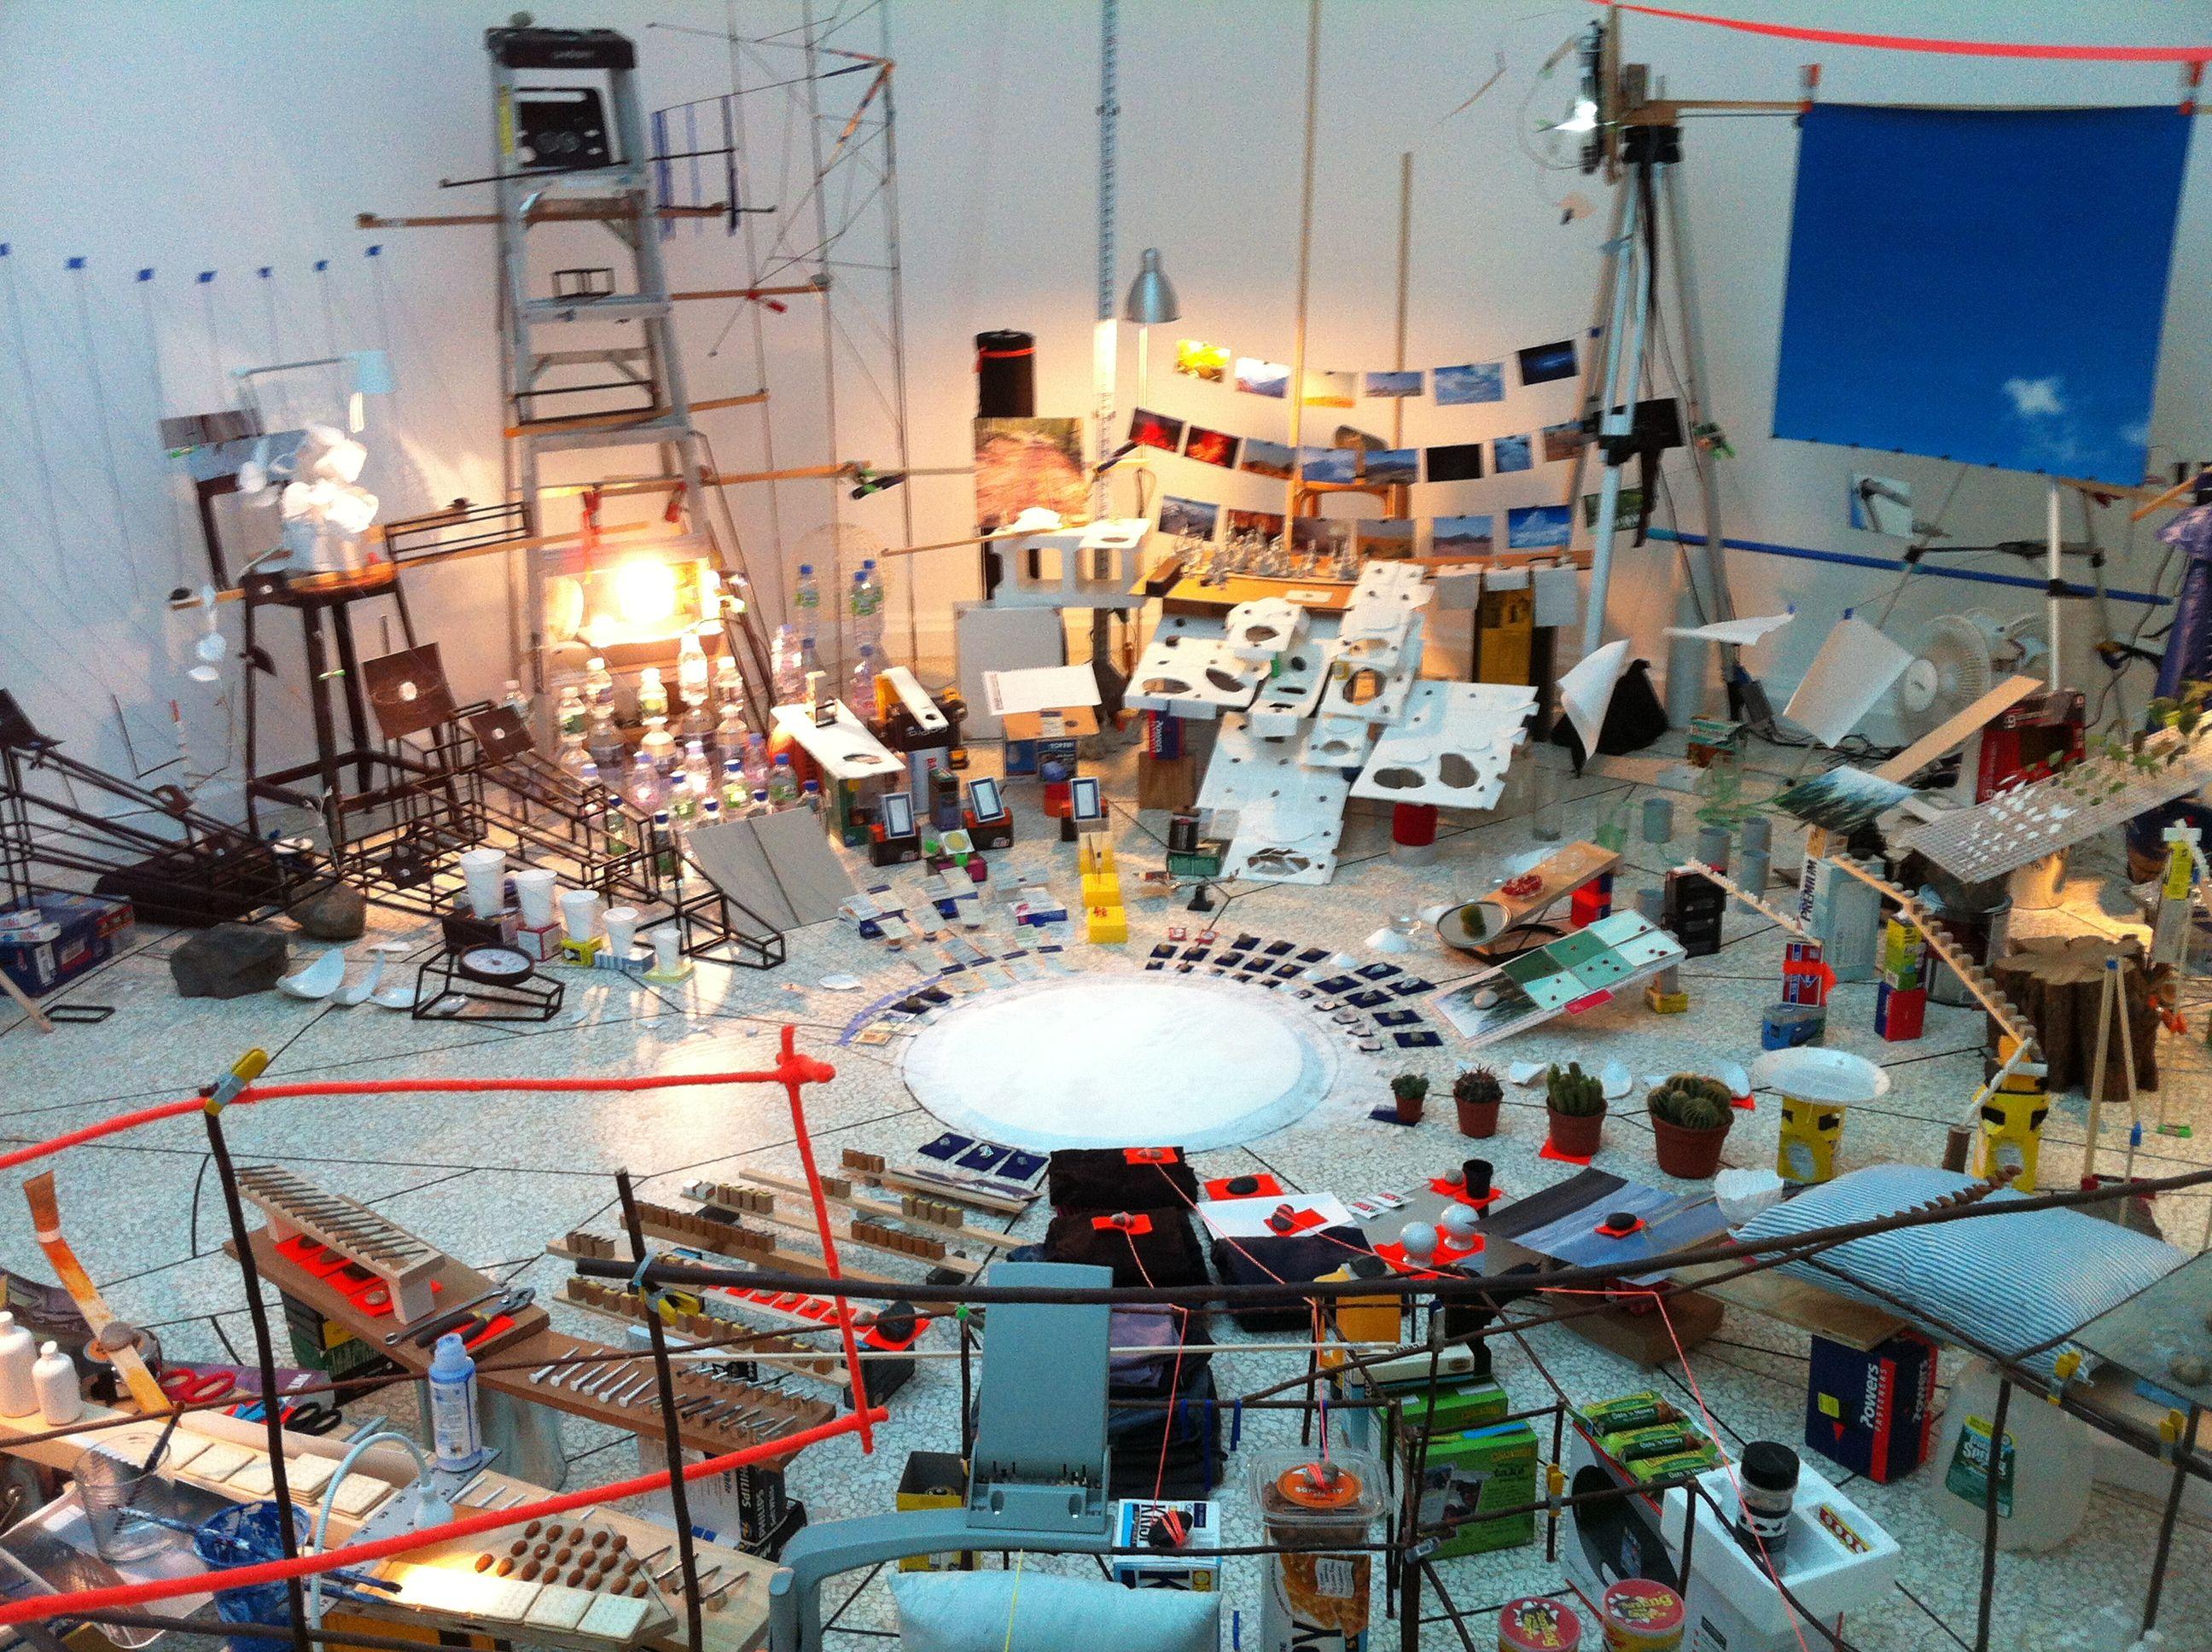 la biennale di venezia, usa pavillon, june 2013